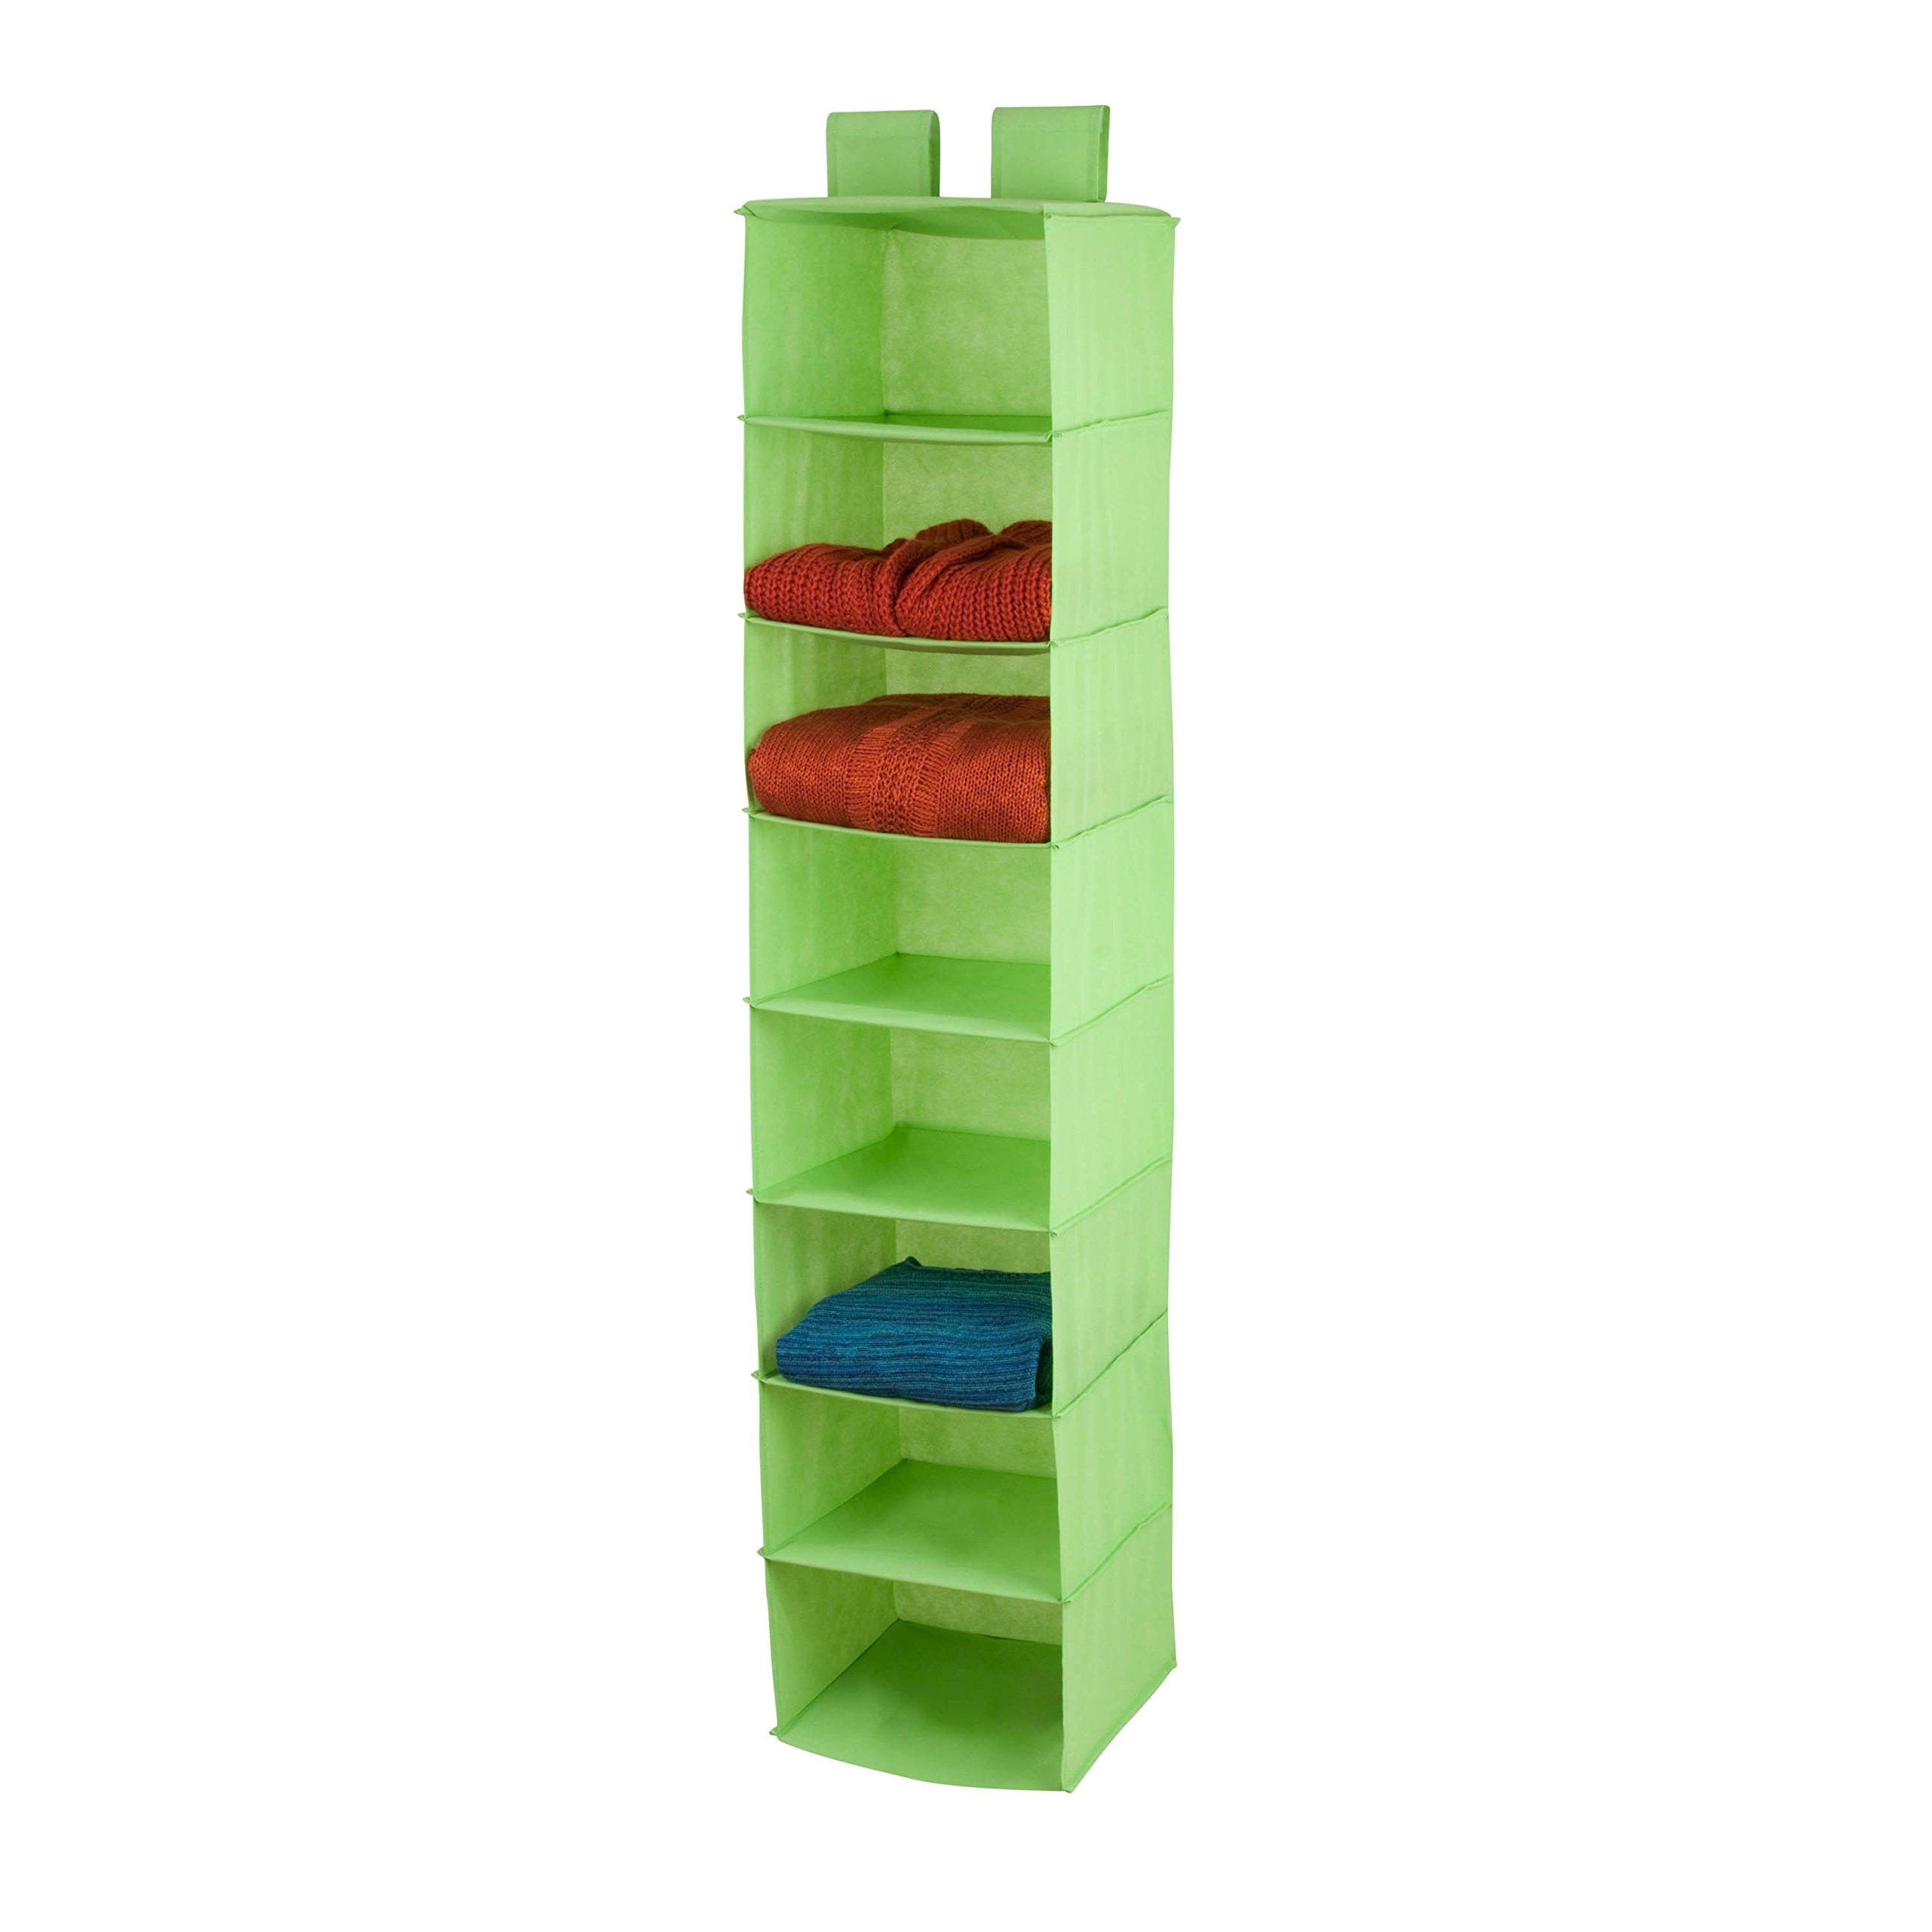 Honey-Can-Do 8-Shelf Non-Woven Hanging Closet Organizer, Lime Green